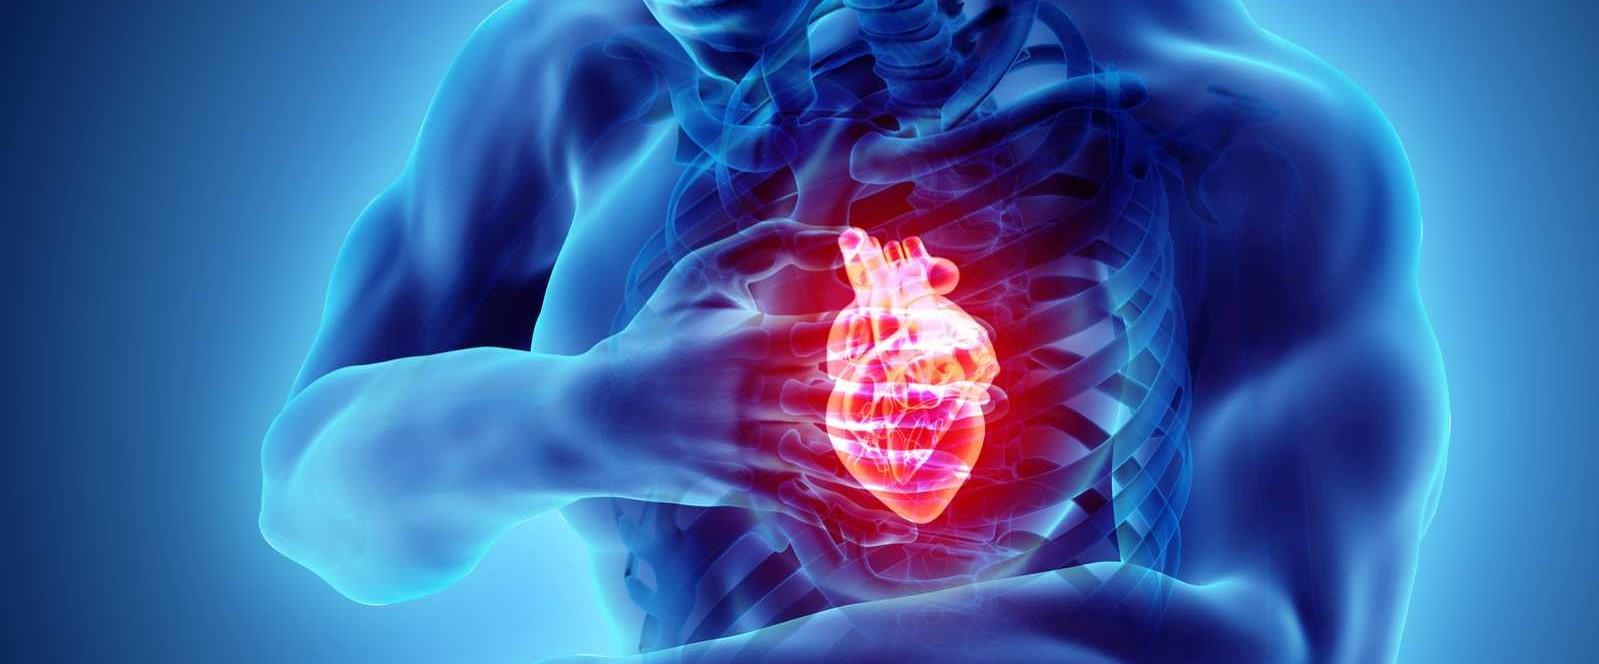 Casi 1 de cada 5 pacientes que mueren de muerte súbita cardíaca portan un gen sospechoso...